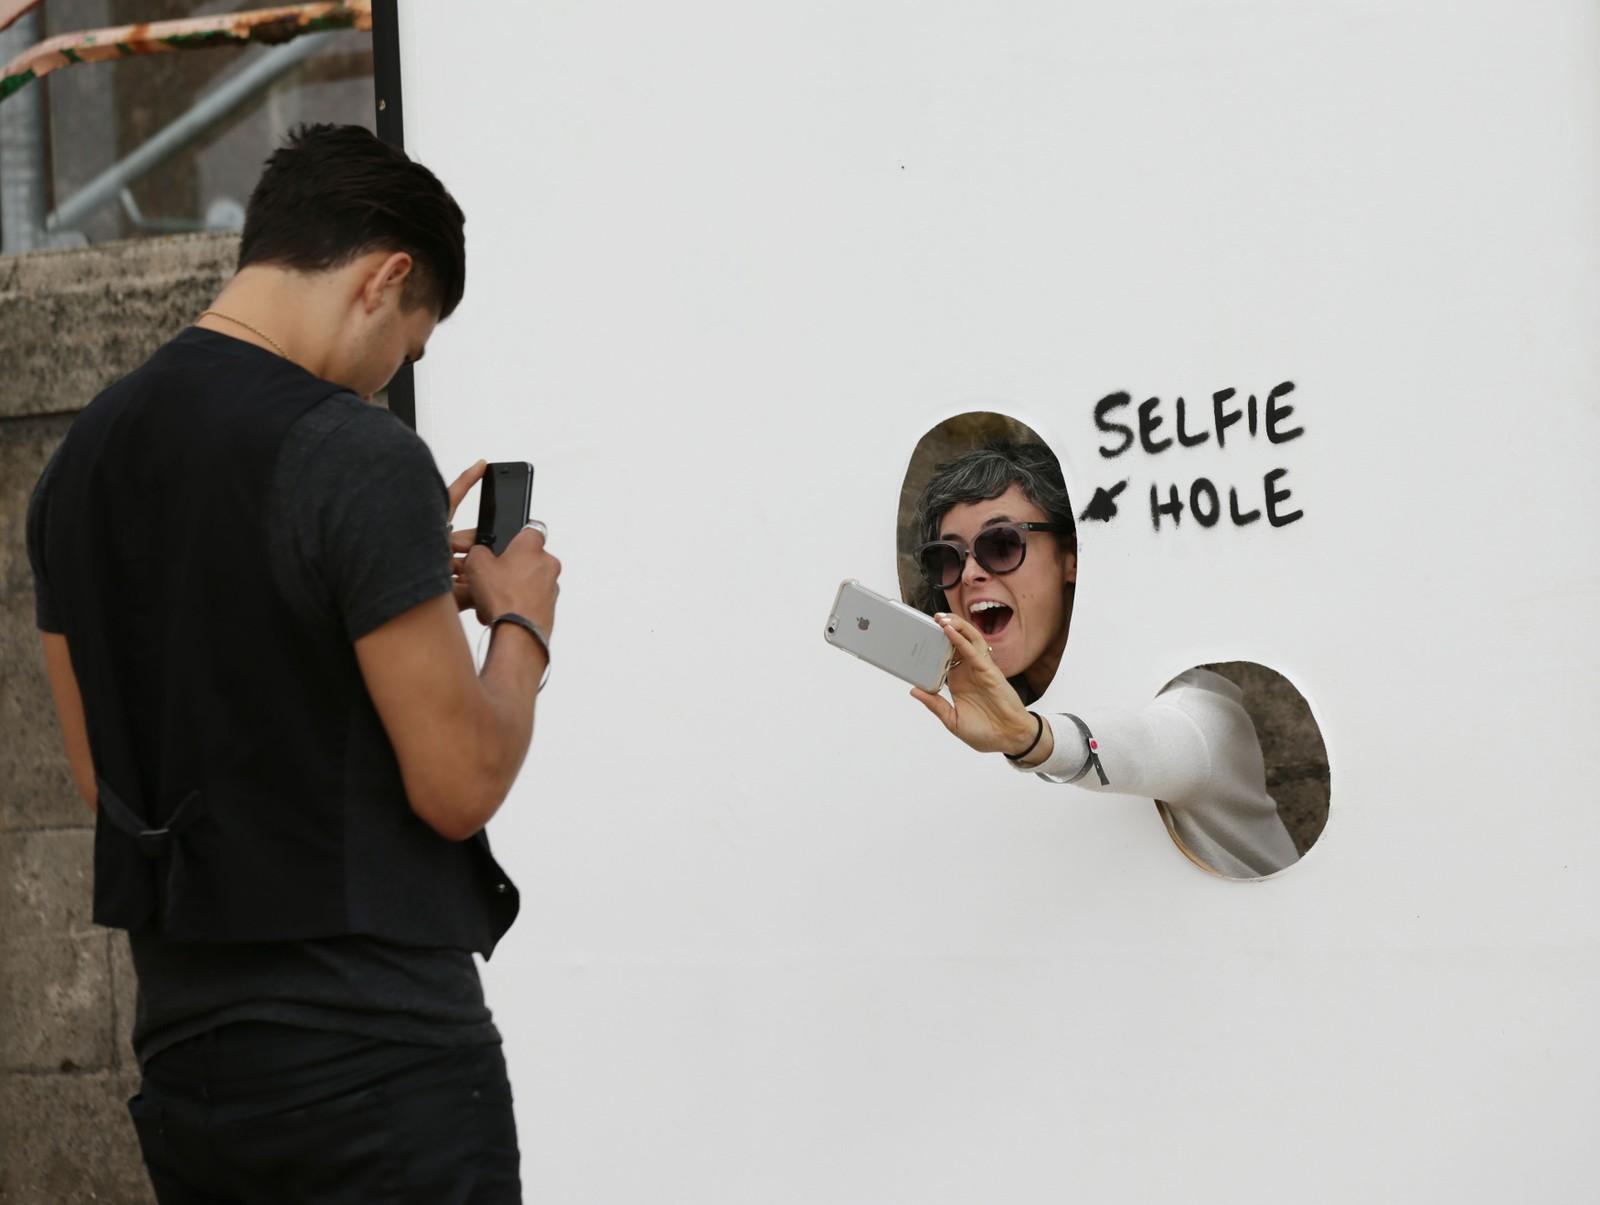 SMIL: Besøkende oppfordres til å ta selvortretter gjennom et eget «selfie-hull».